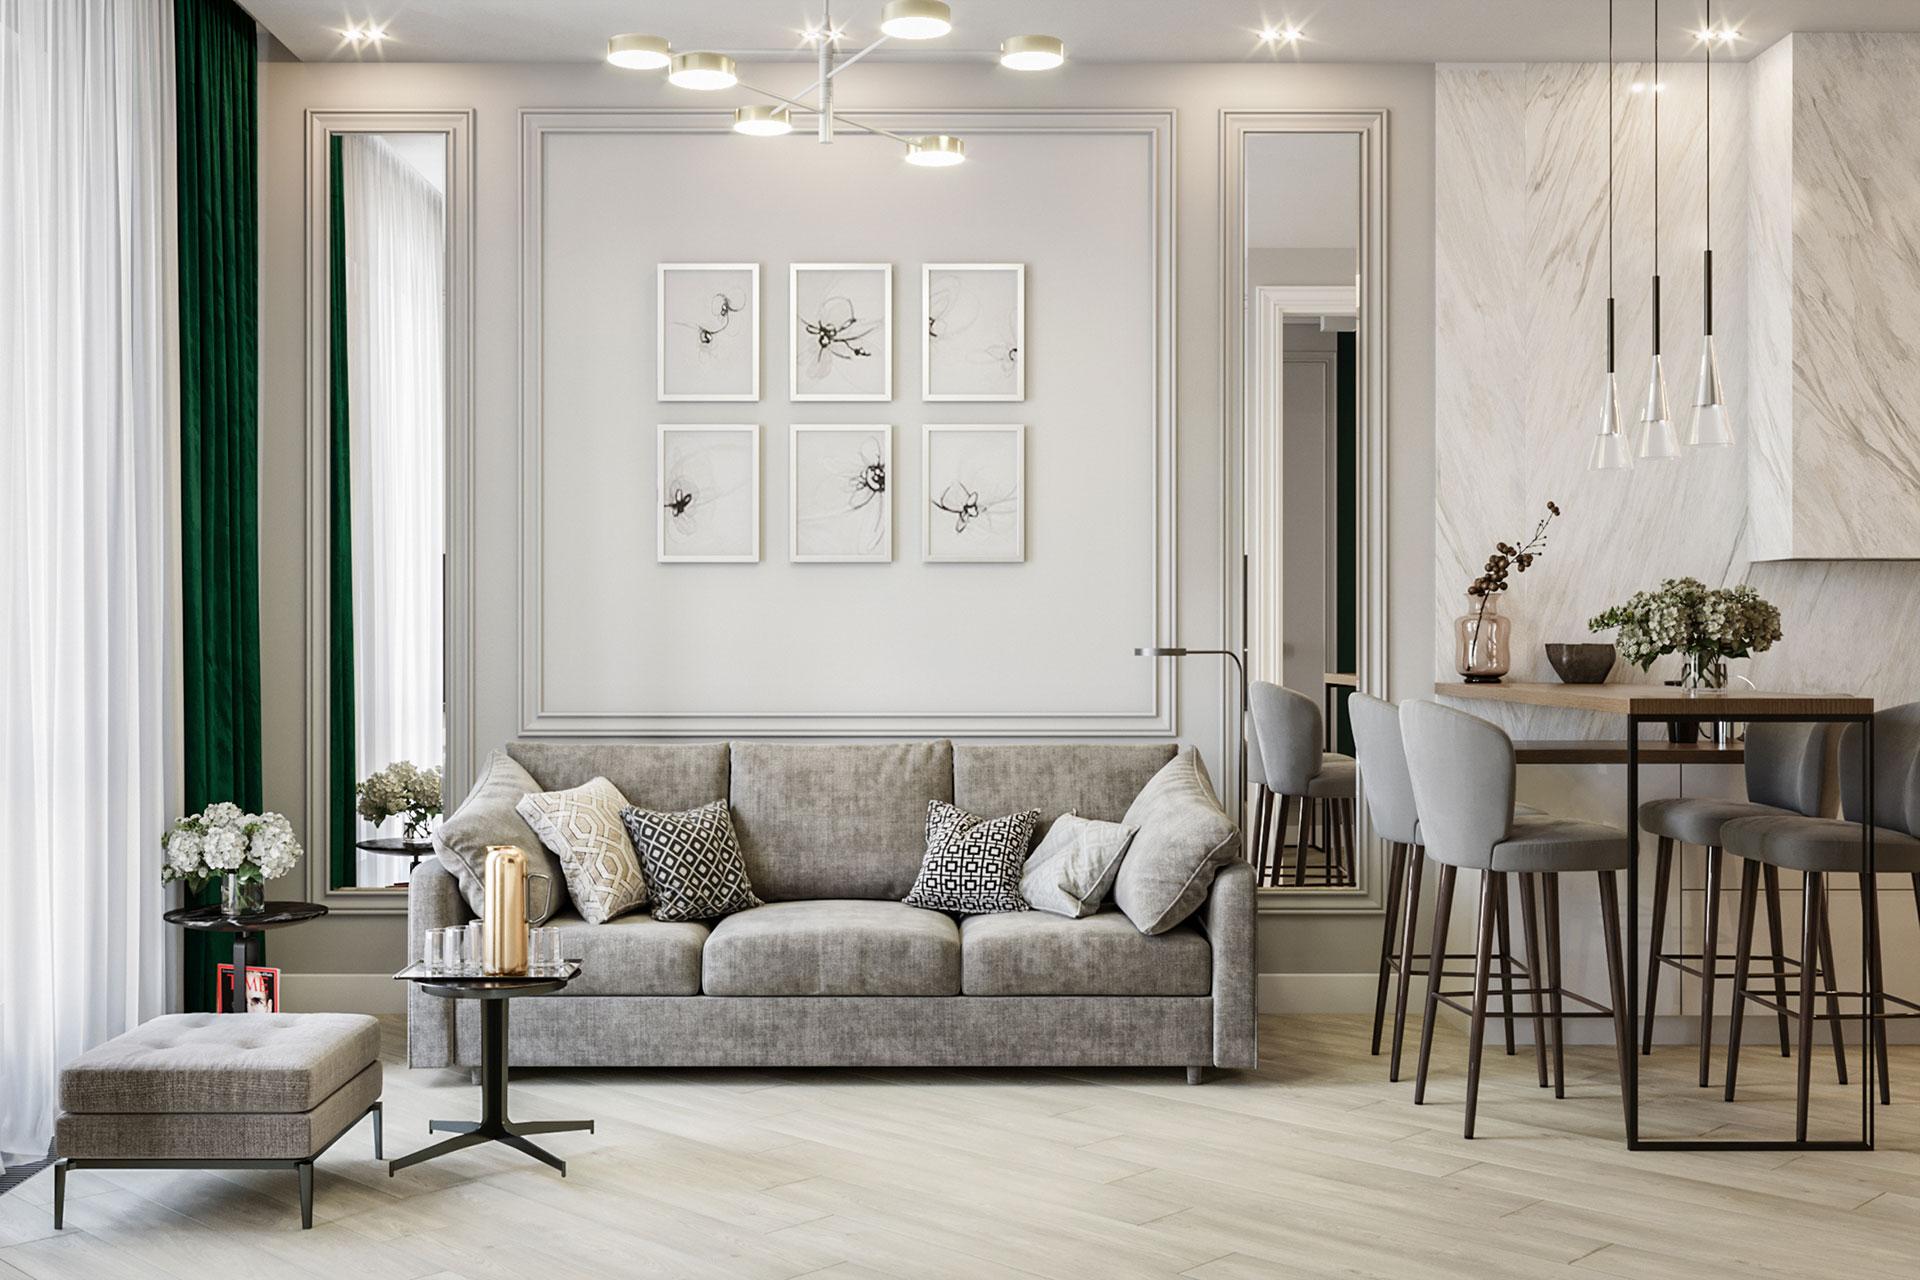 Дизайн интерьера квартиры в ЖК Балчуг Вьюпоинт